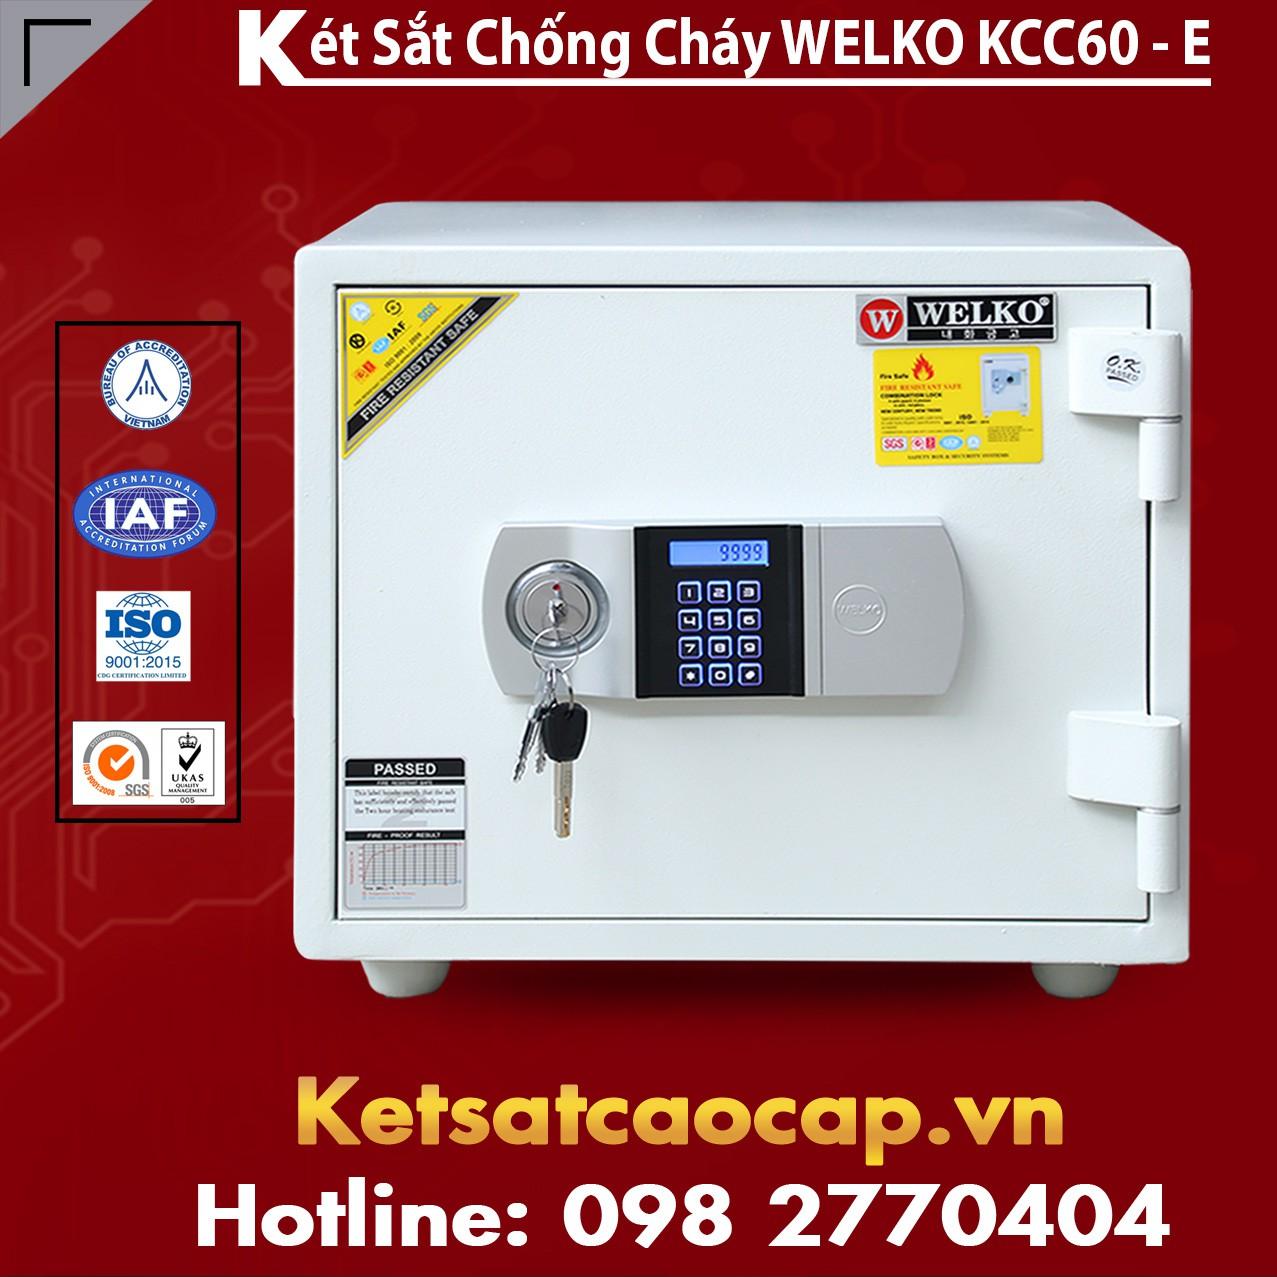 Két Sắt Giá Rẻ KCC60 E Silver - White